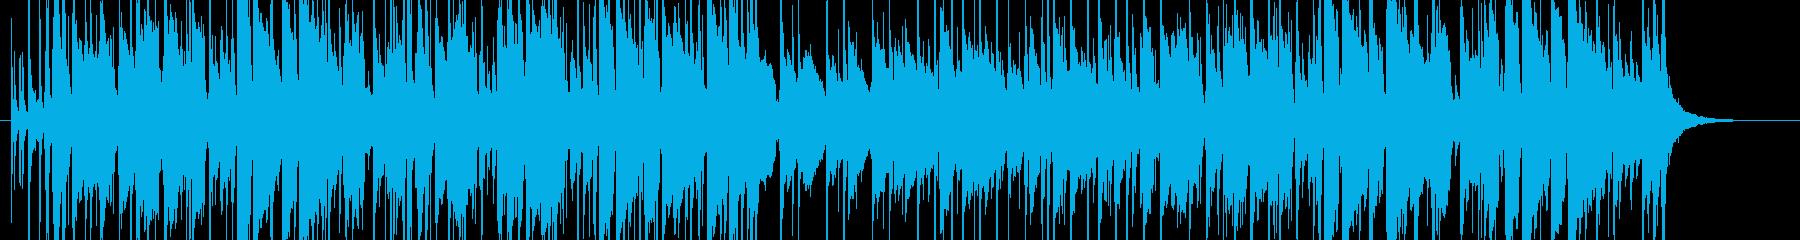 ジャズ風のジングルですの再生済みの波形